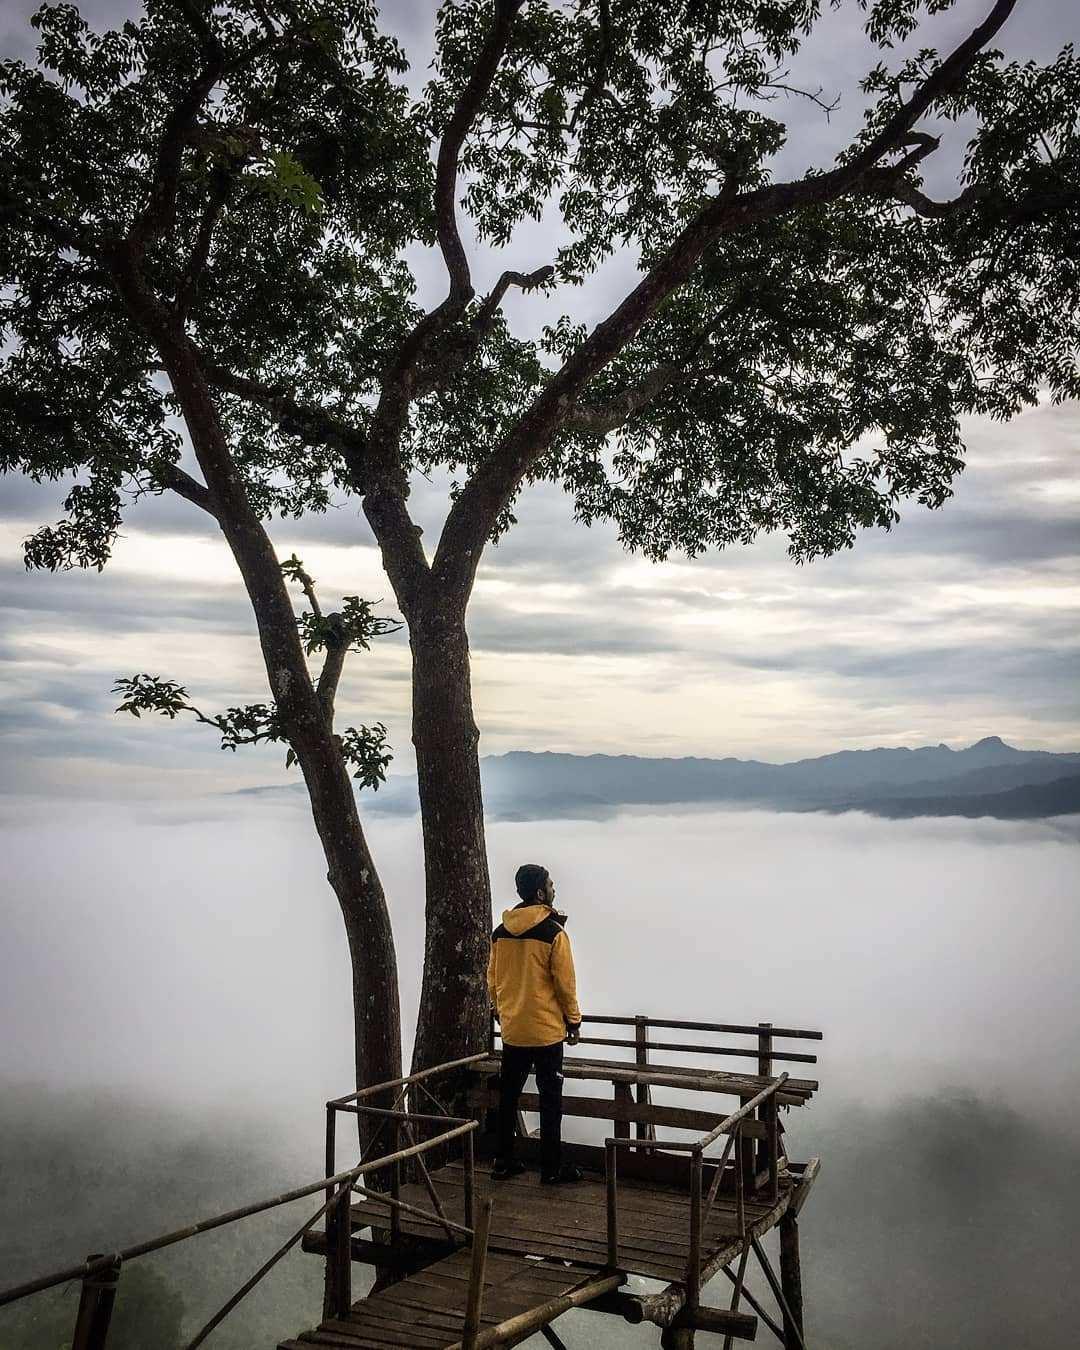 Pekatnya Awan Pagi Hari di Bukit Puji Ningrum Image From @naddzif